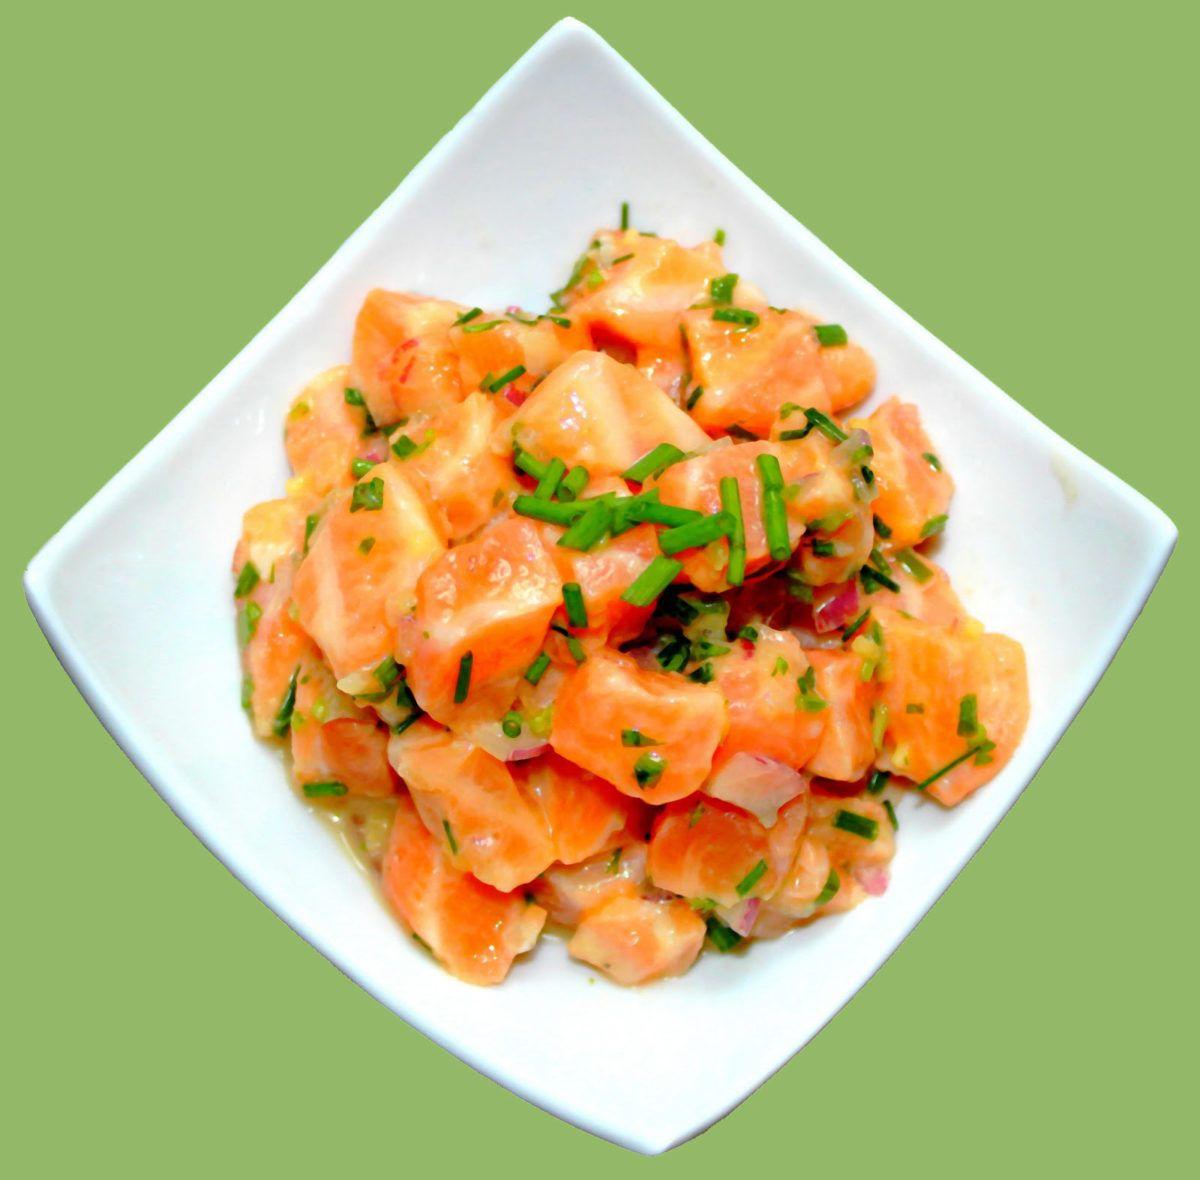 Тартар из лосося | Рецепт | Французская кухня ...